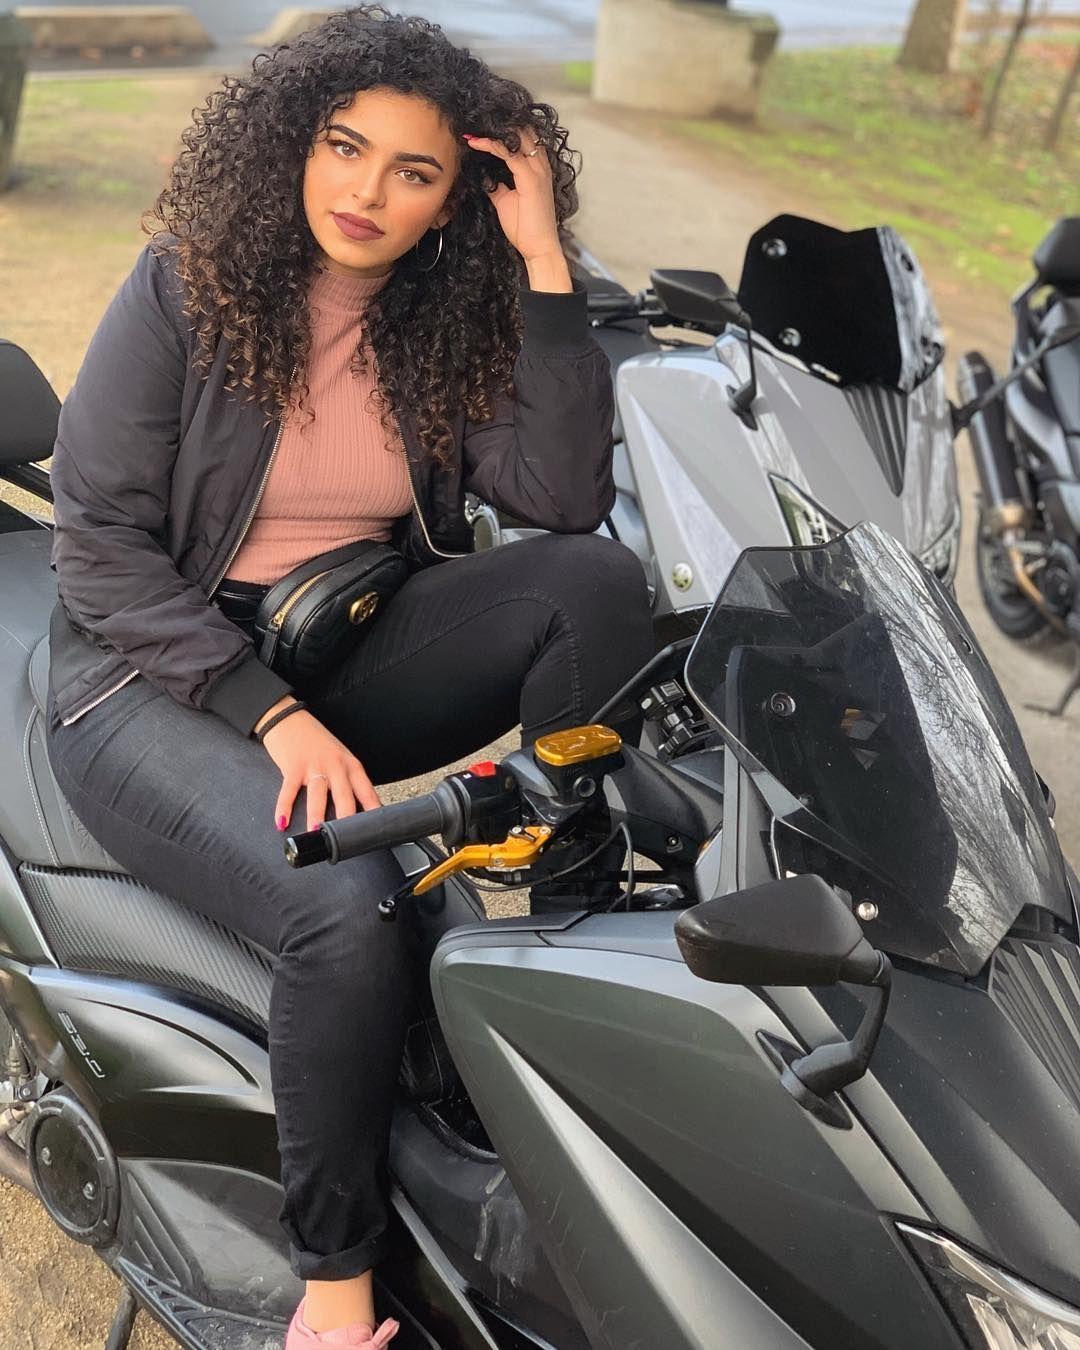 Ines Curly On Instagram Vous Avez Fait Quoi De Vos Vacances Les Gars Ral Annabiyaparis Coiffure Et Beaute Beaute Marocaine Meuf